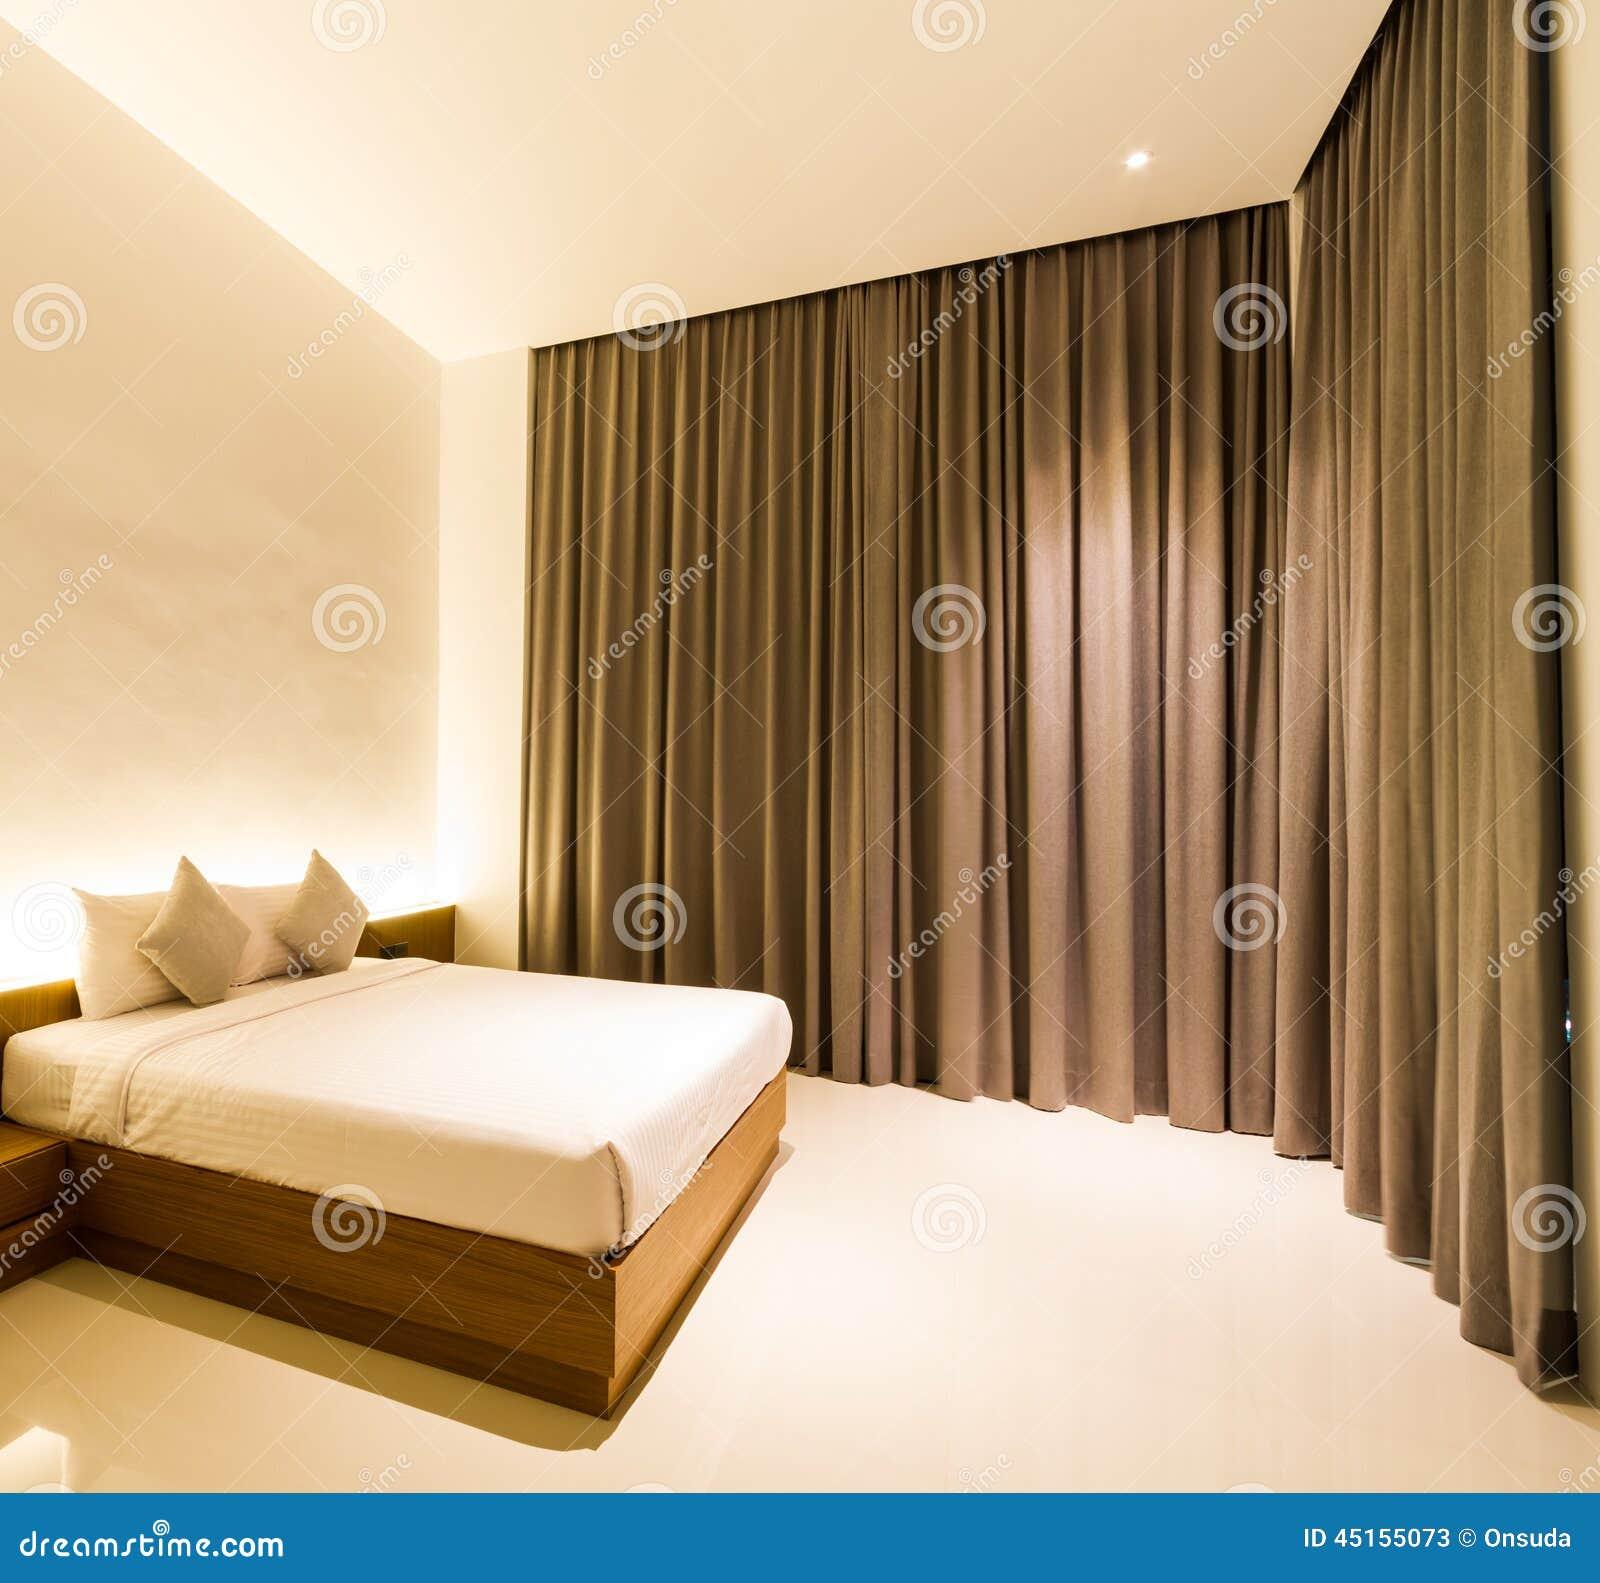 Schlafzimmer Mit Braunem Vorhang Stockbild - Bild von modern, braun ...